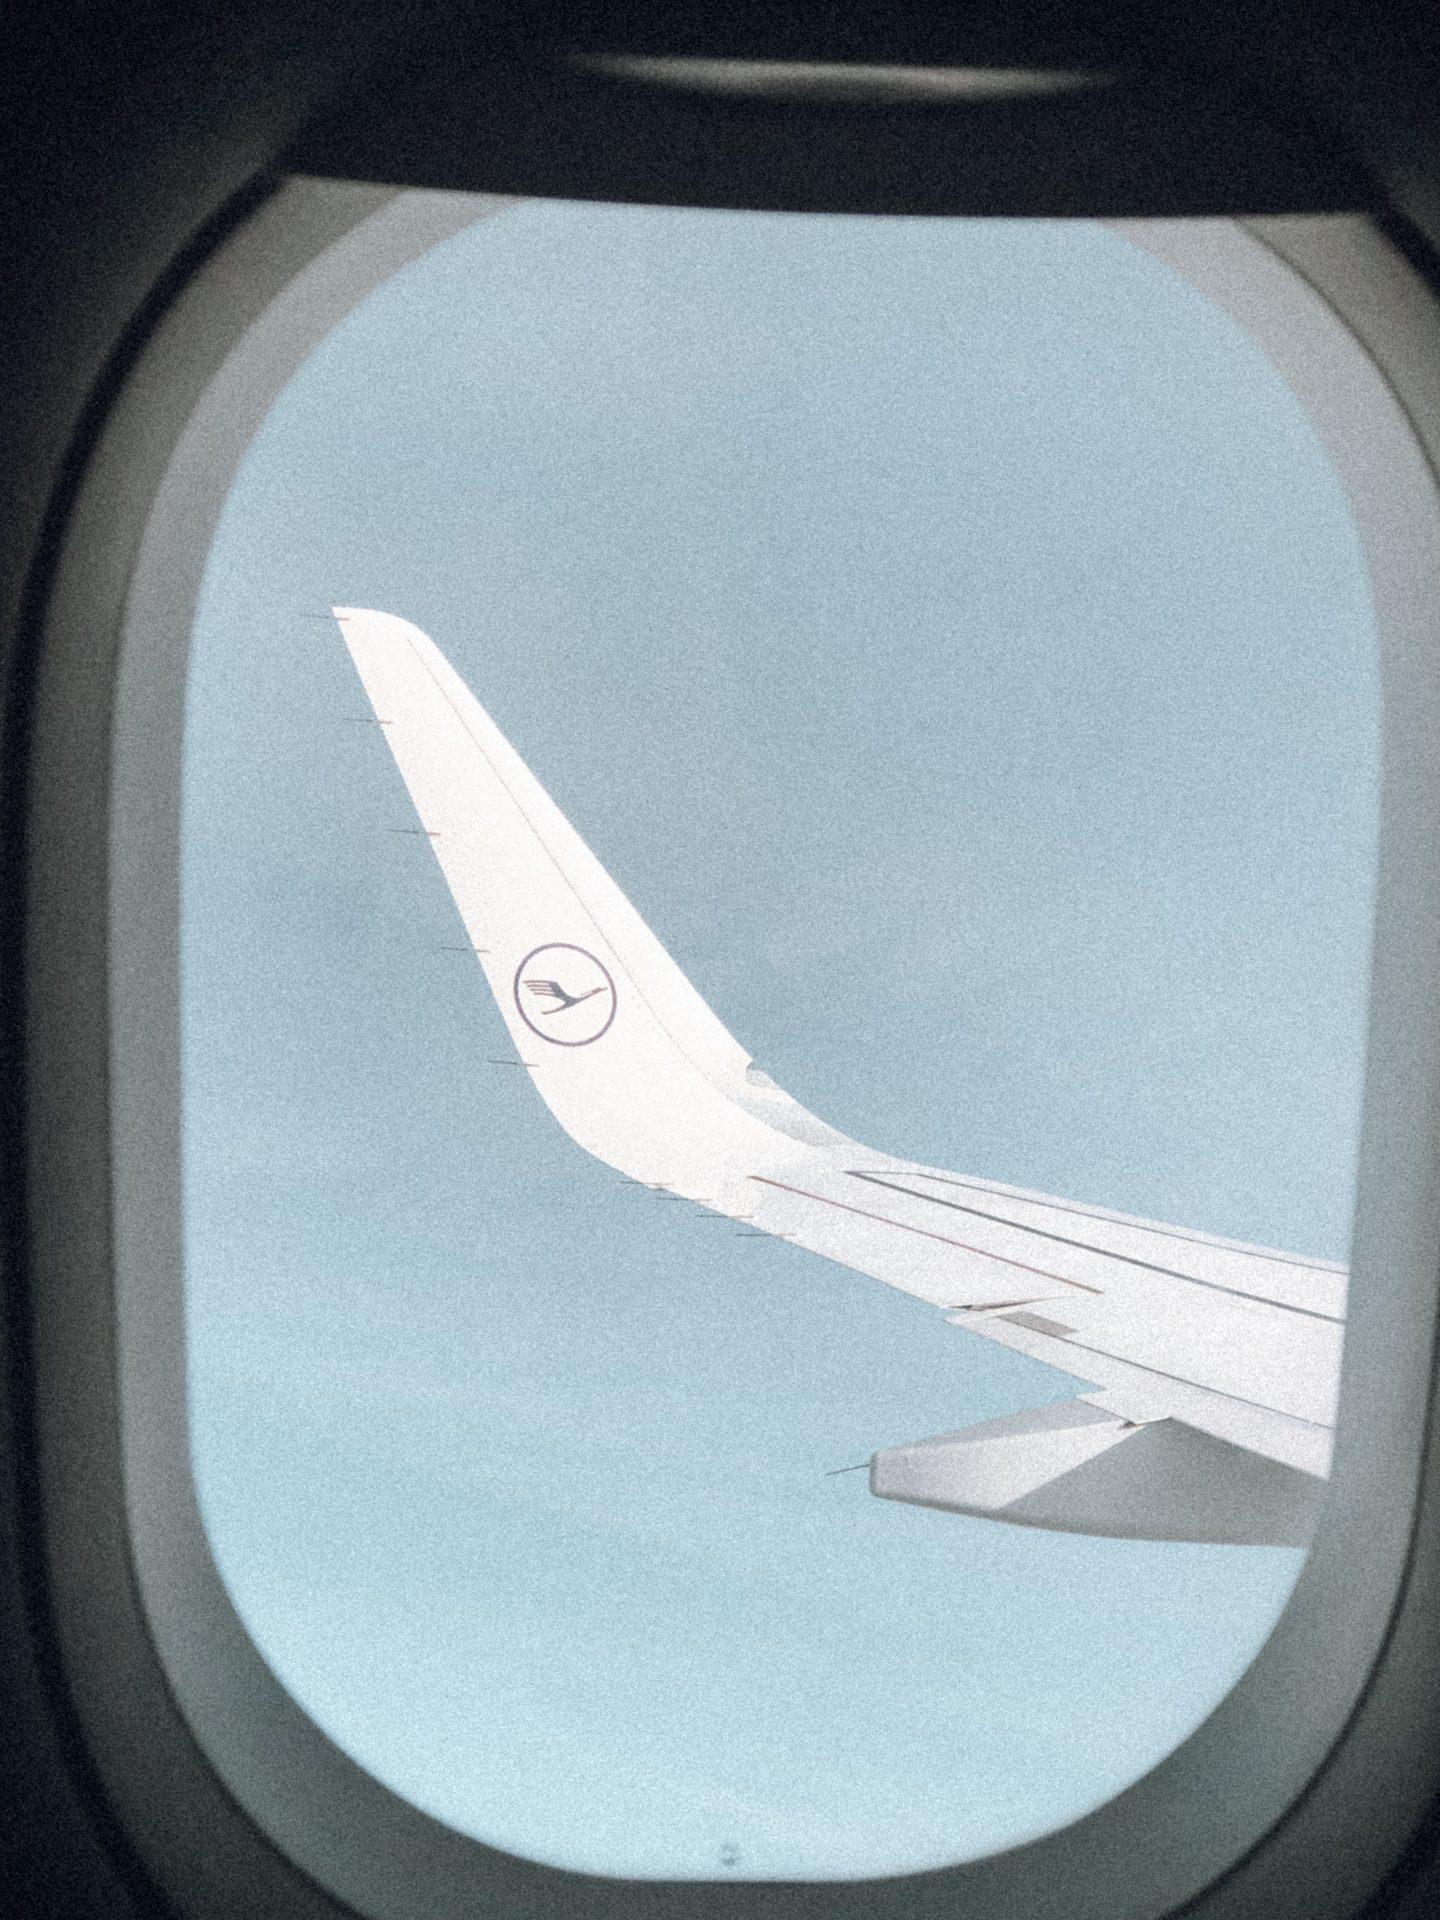 Lufthansa - Blondie Baby blog voyages et mode